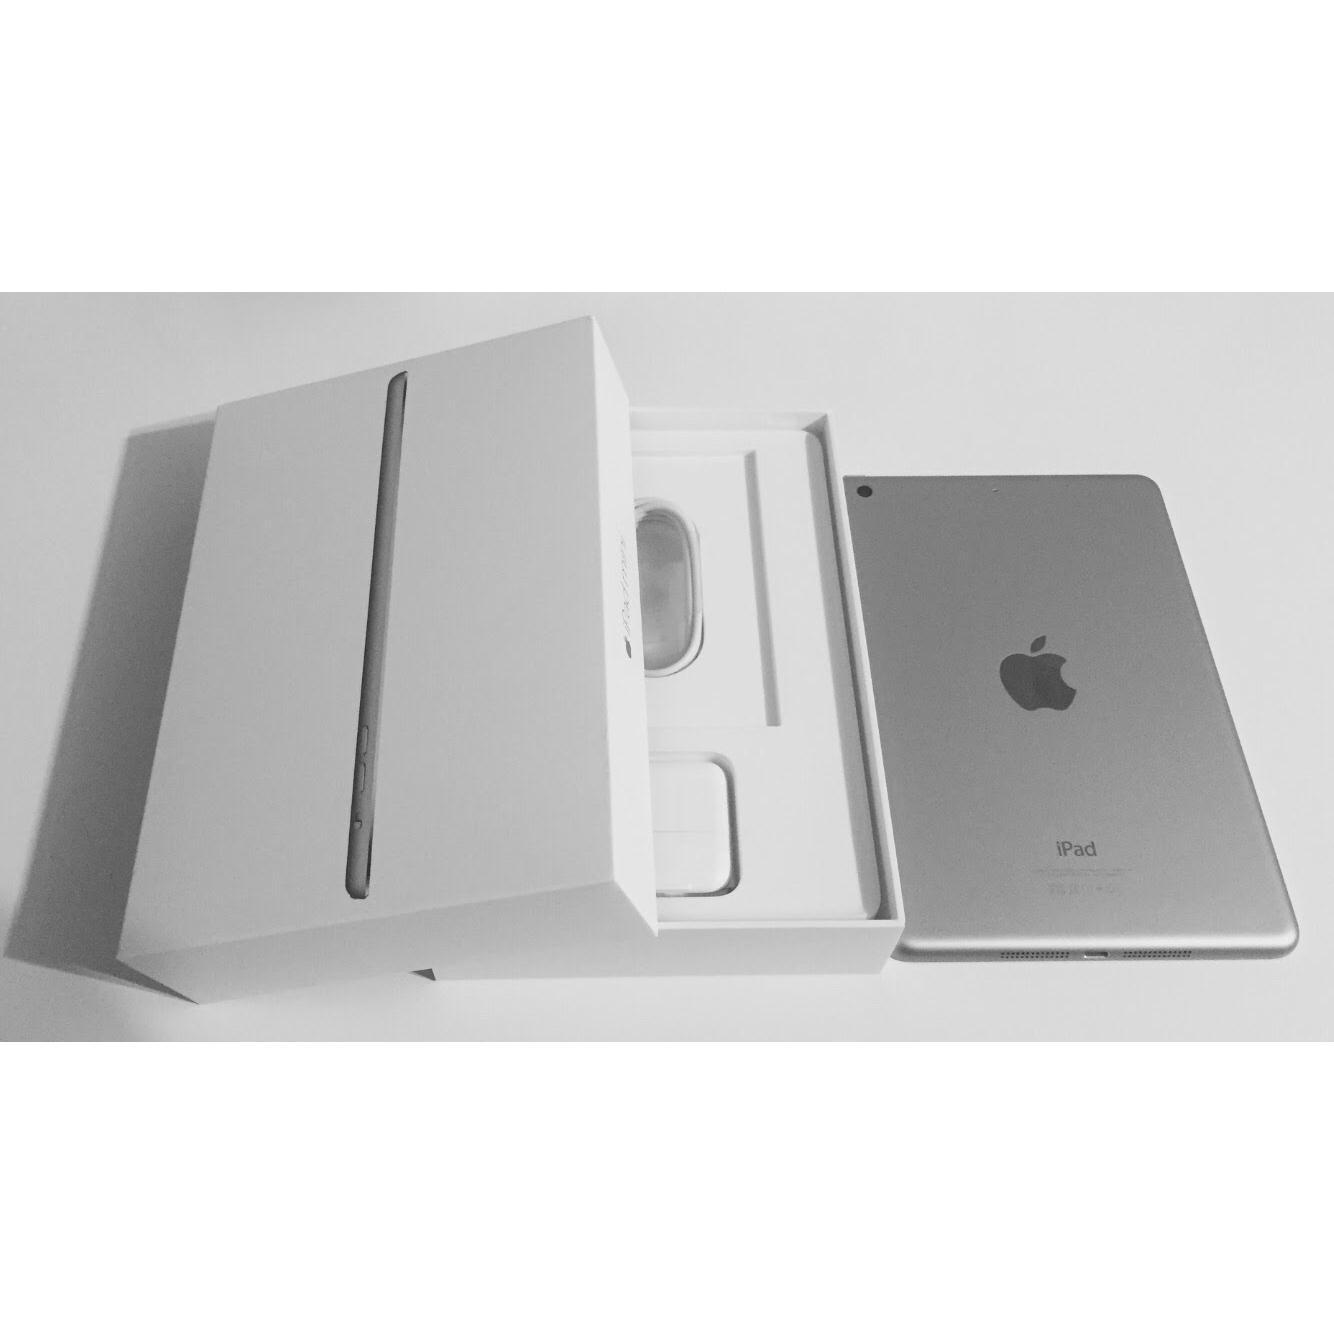 mini-3-4g-wifi-64-gray-99